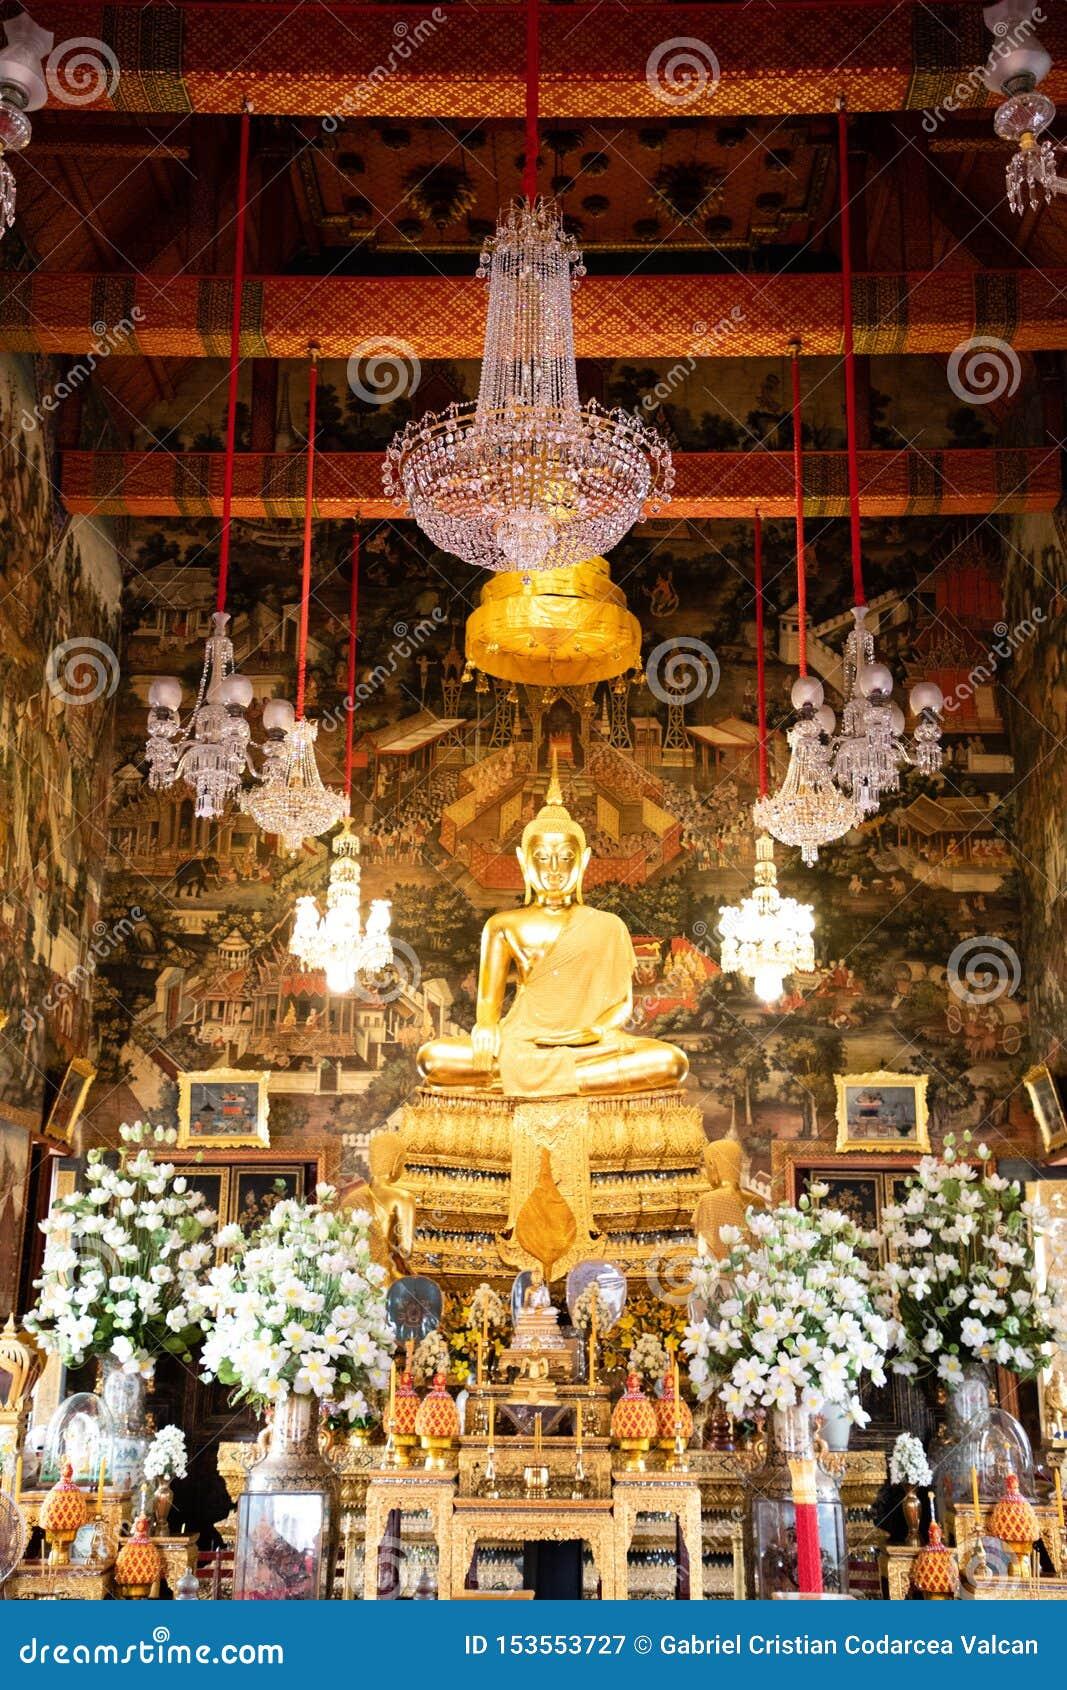 20 de novembro de 2018 - Banguecoque TAILÂNDIA - Buda dourada grande cercada pelas orquídeas brancas no templo tailandês